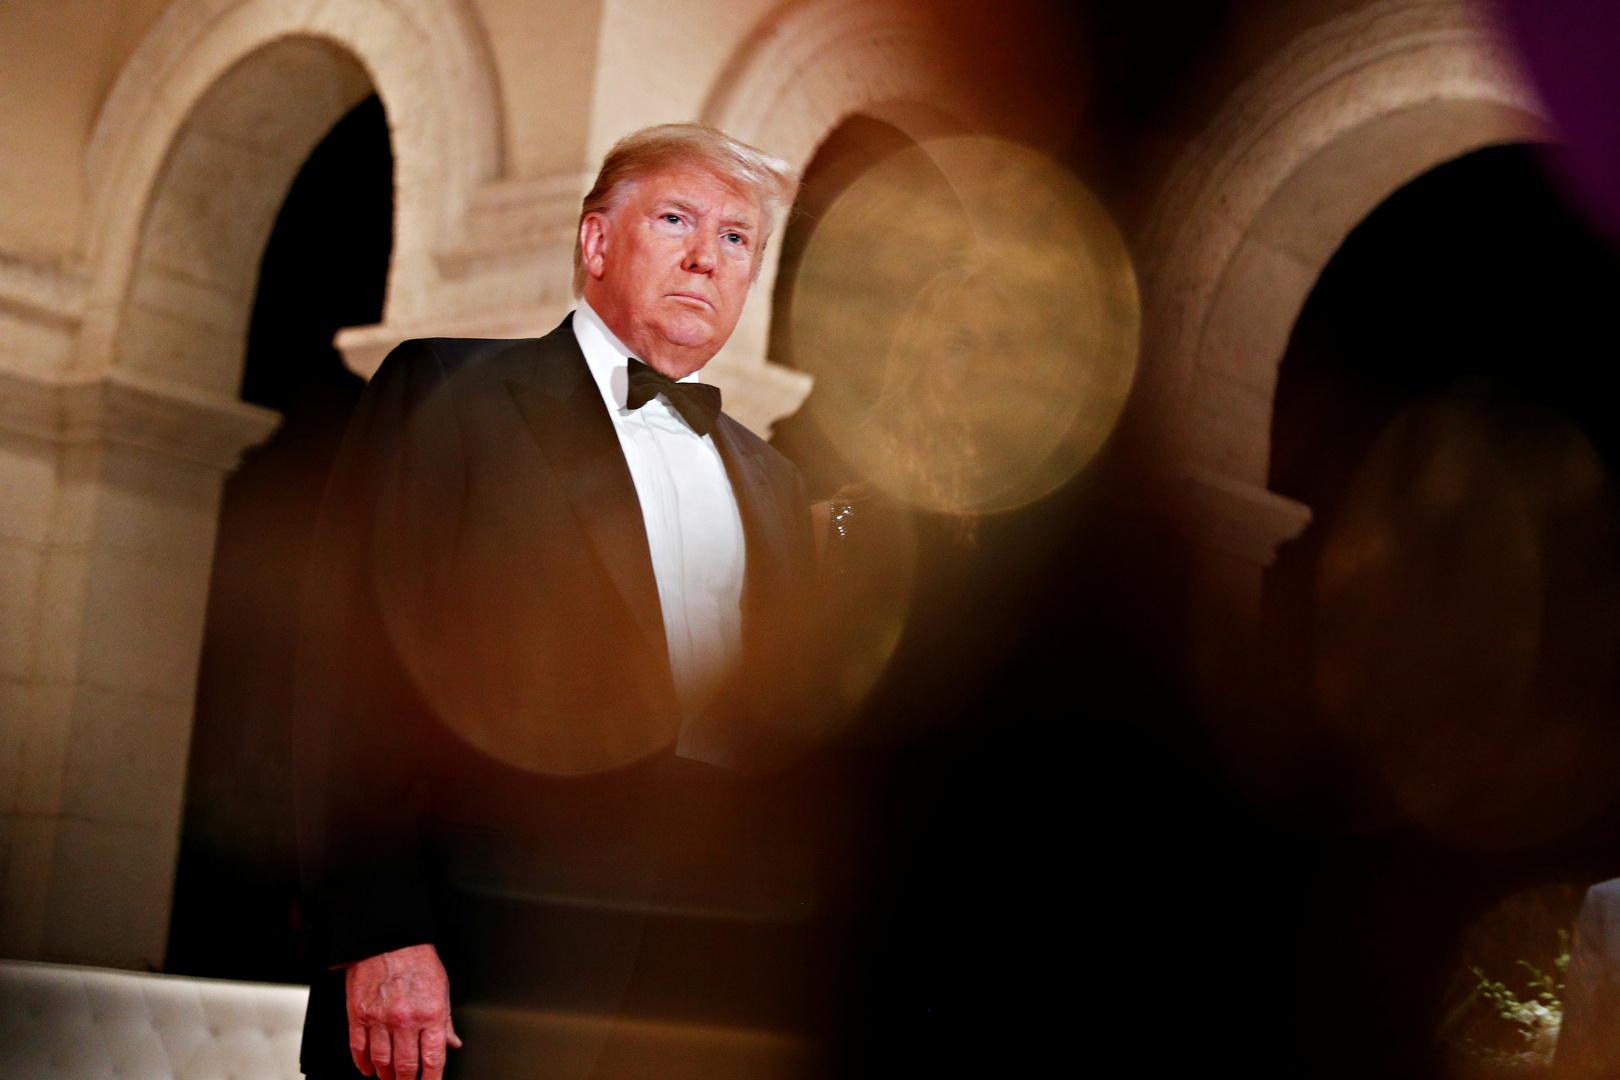 بعدما هددها بدفع ثمن باهظ.. ترامب يقول إنه لا يريد ولا يتوقع حربا مع إيران